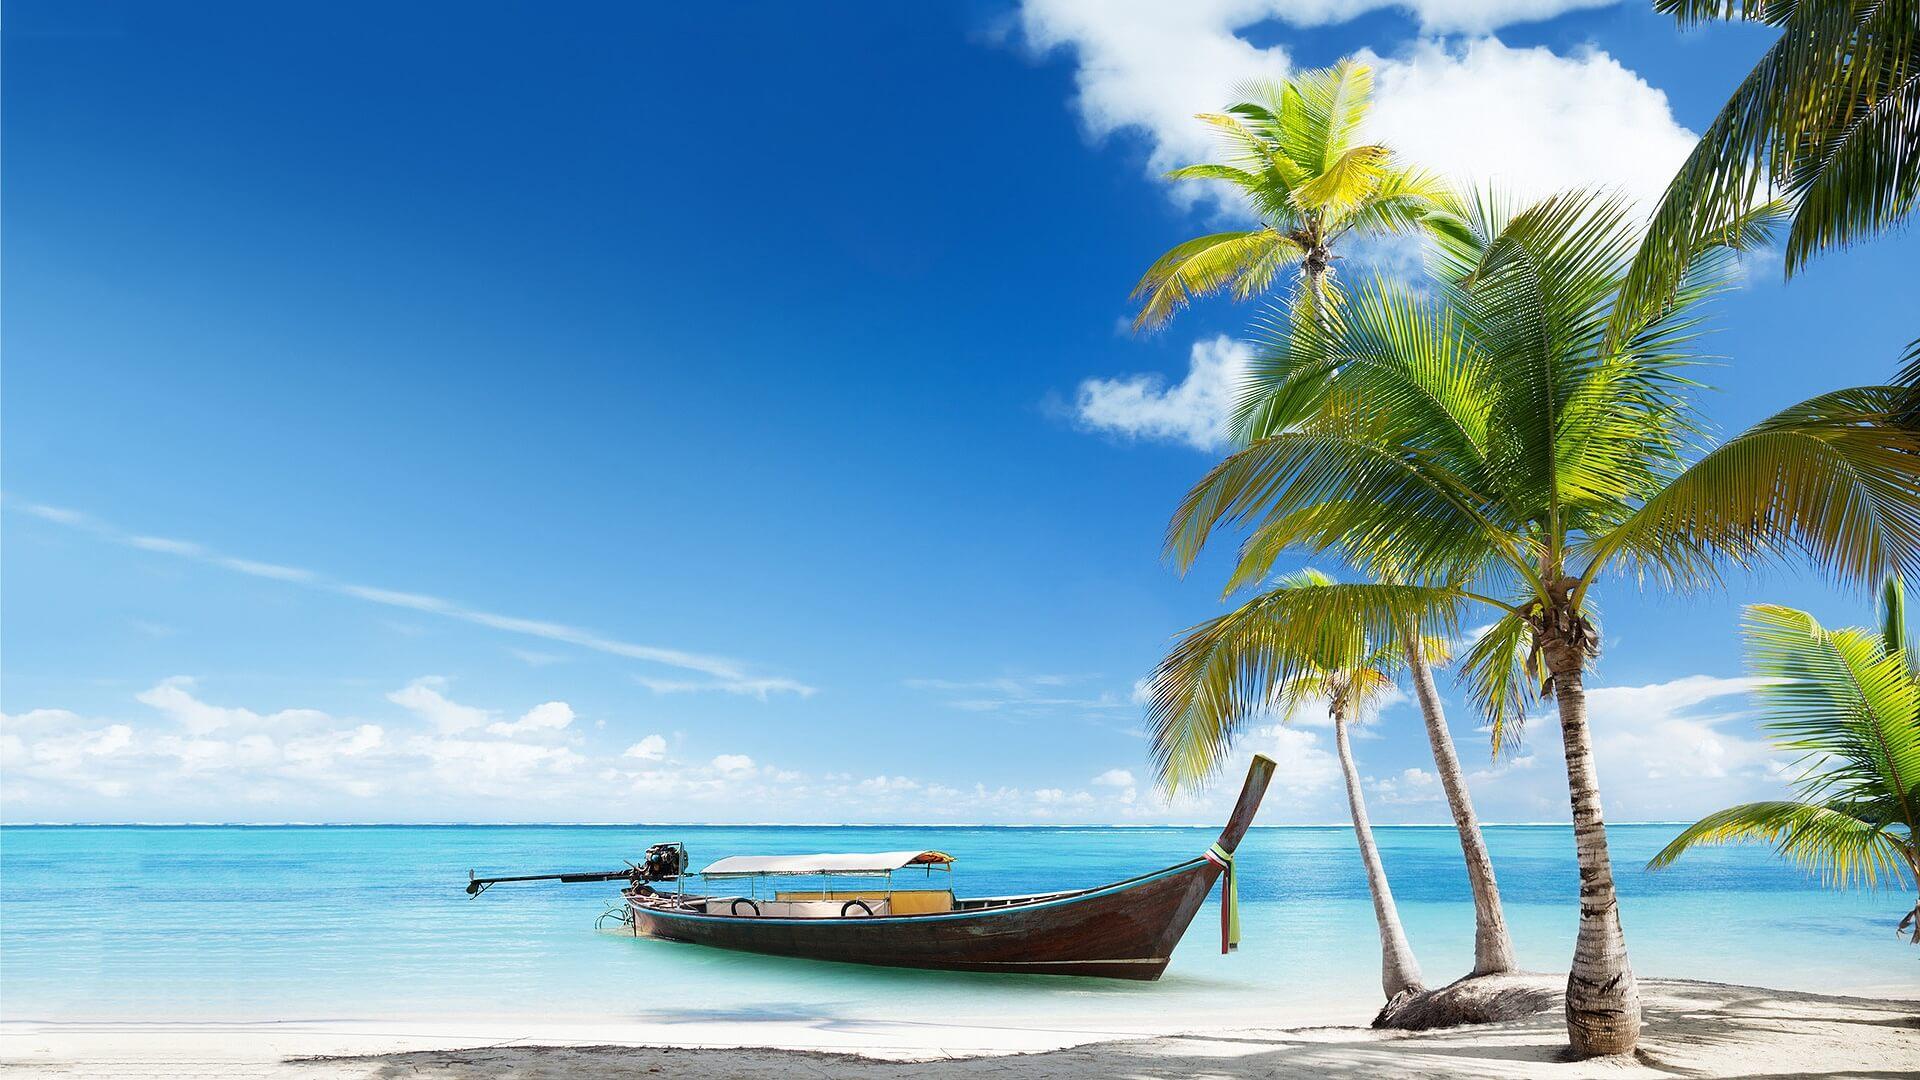 Красивые картинки пляжа для рабочего стола - подборка 5